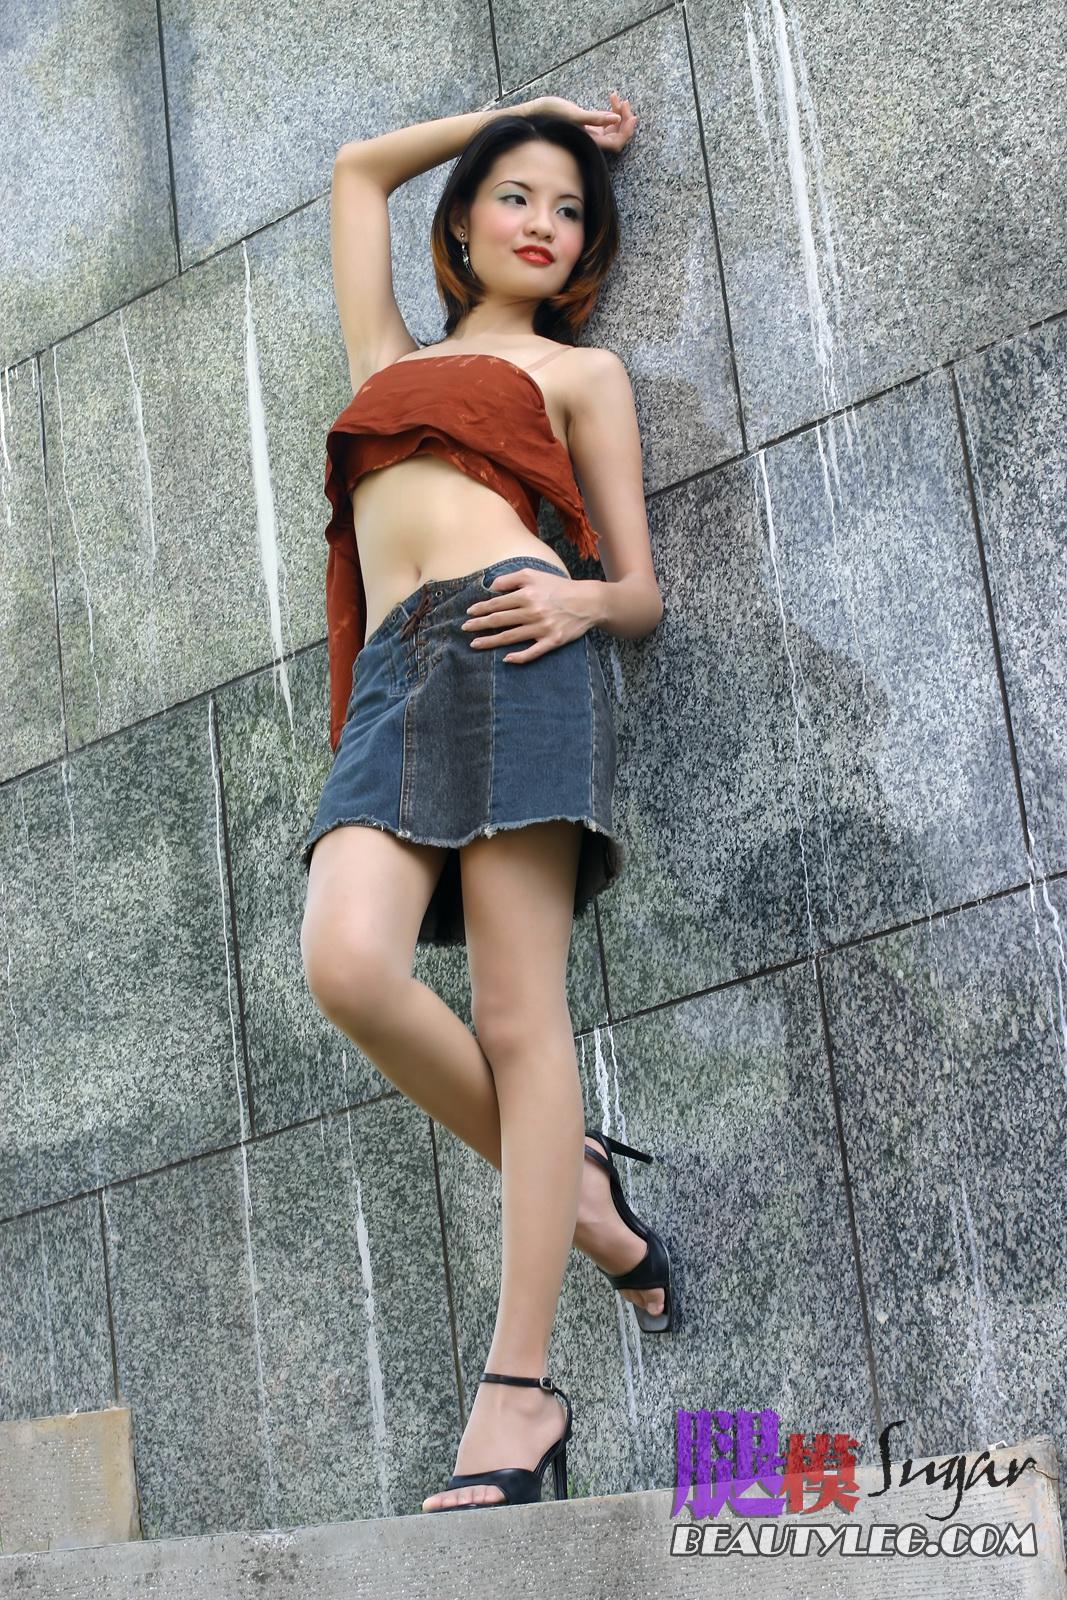 Hot Girl Under Skirt